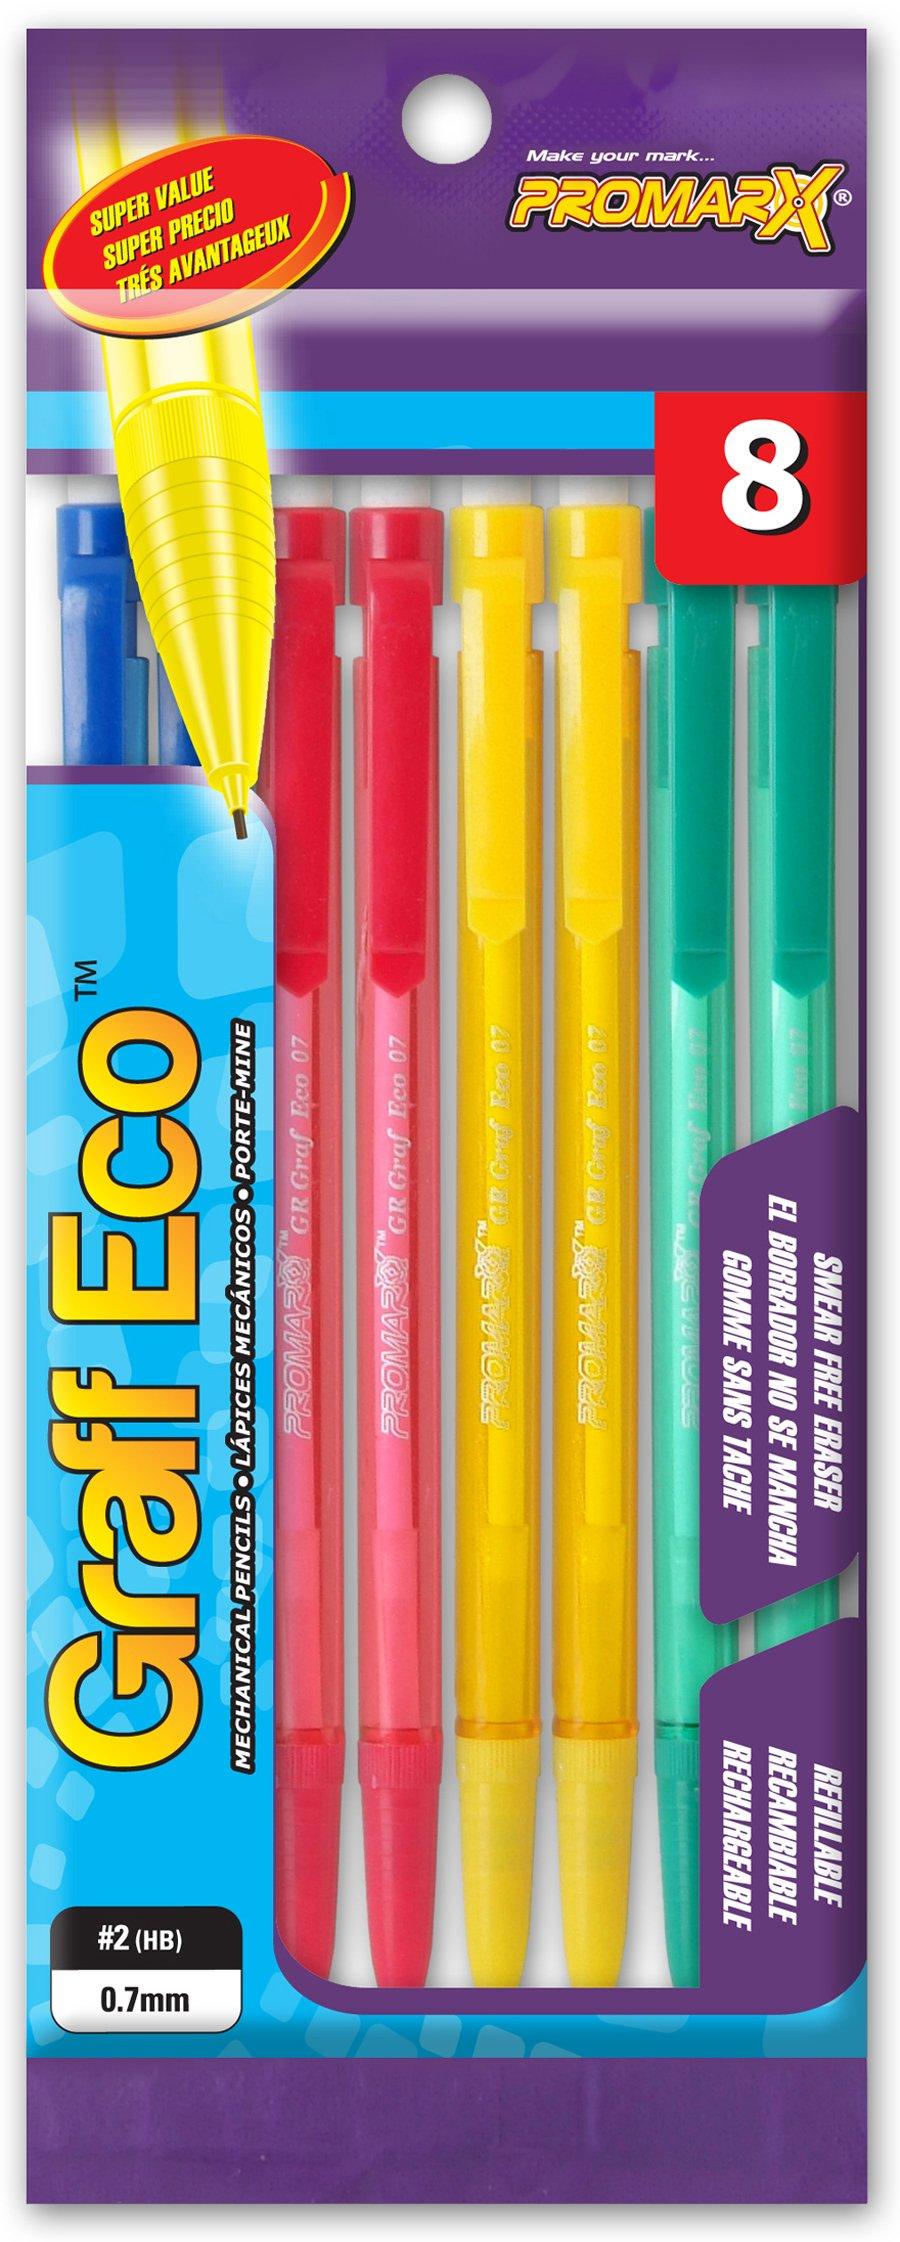 Kittrich Promarx Graf Eco lápices mecánicos, varios...